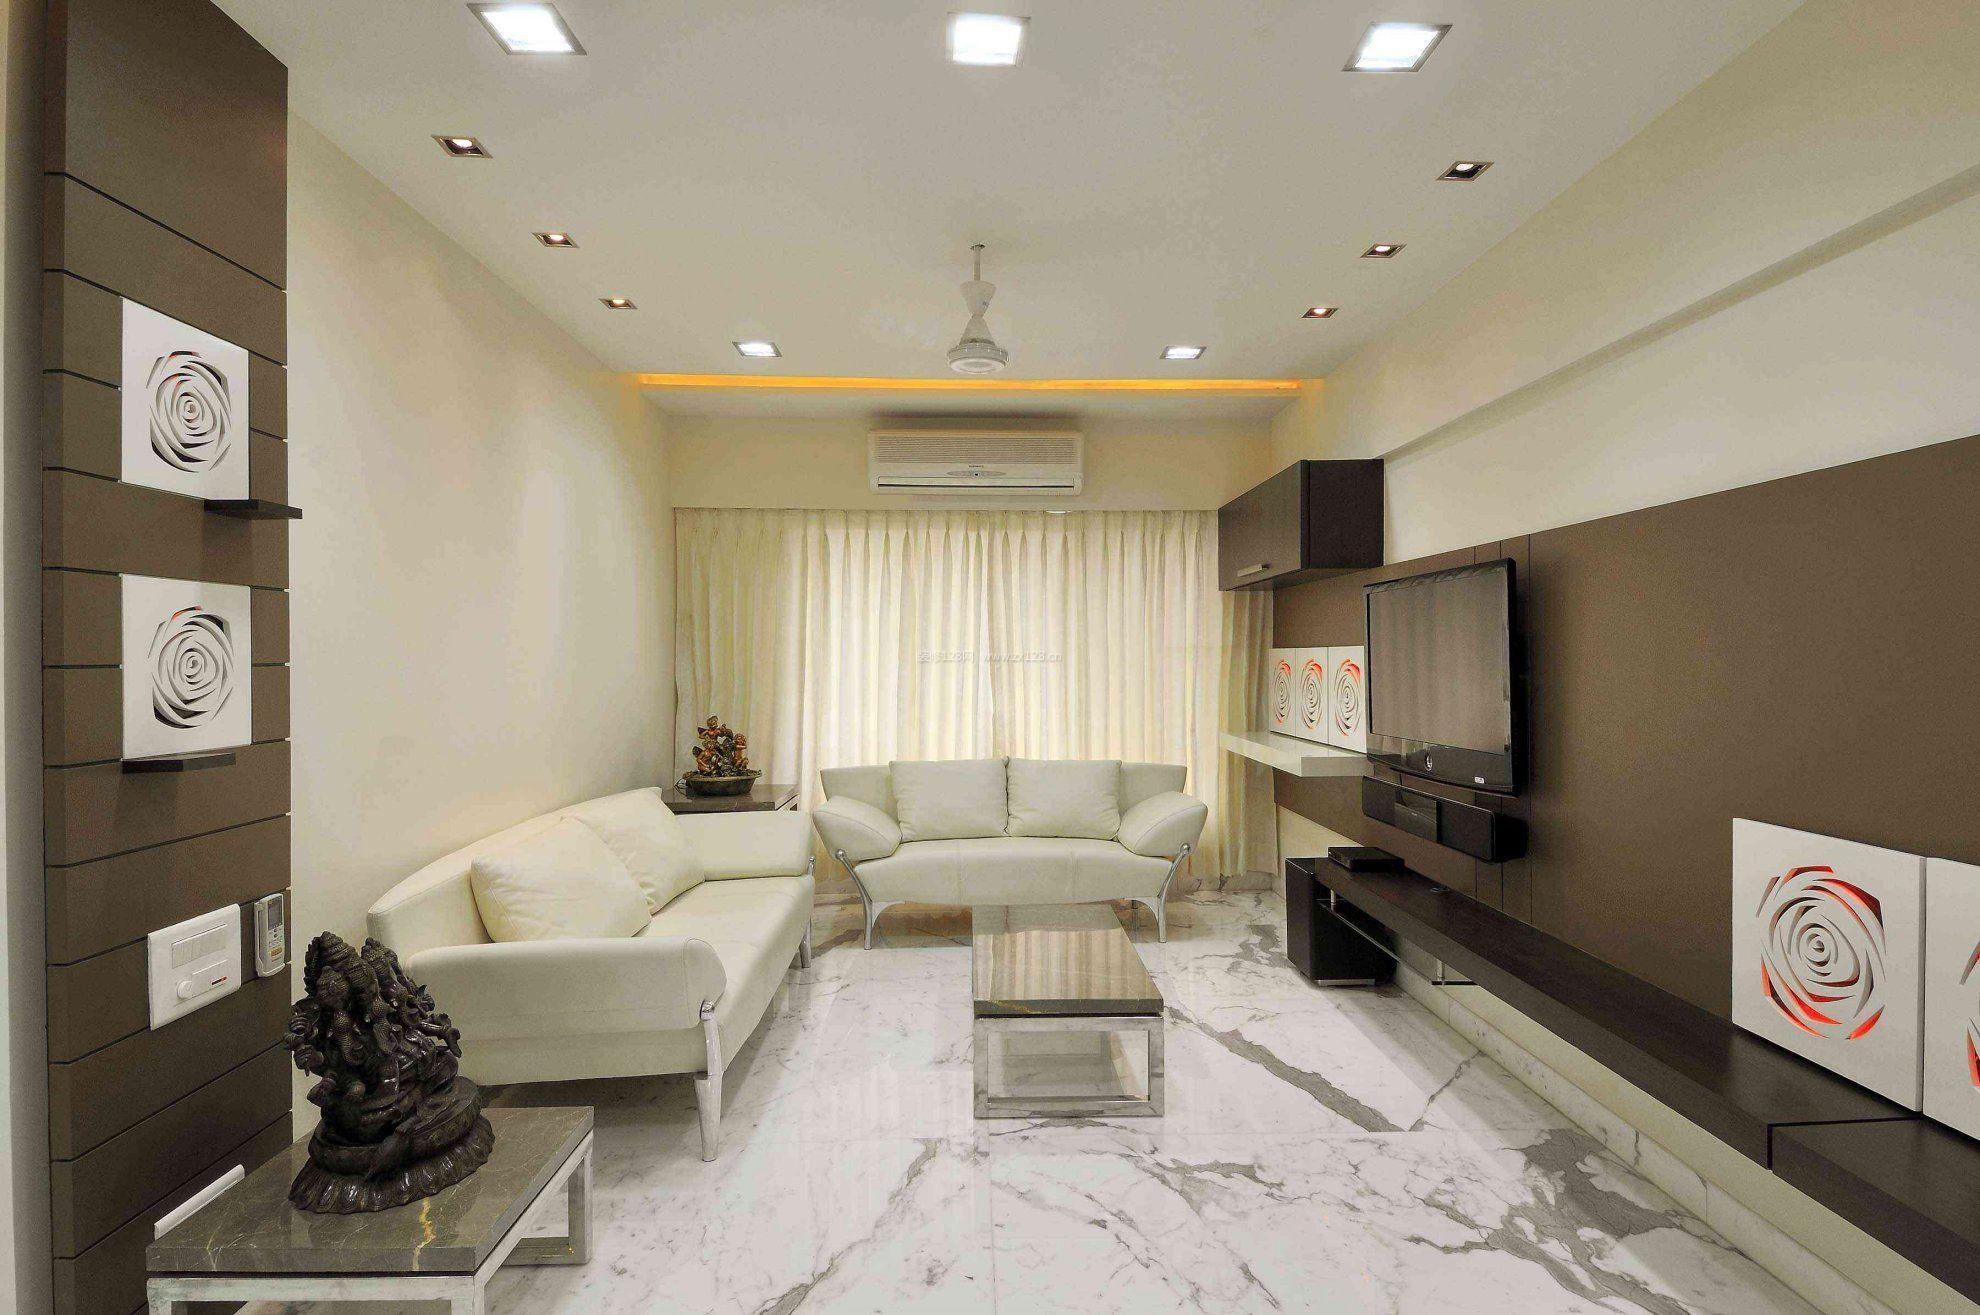 70平小面积客厅地板砖设计效果图